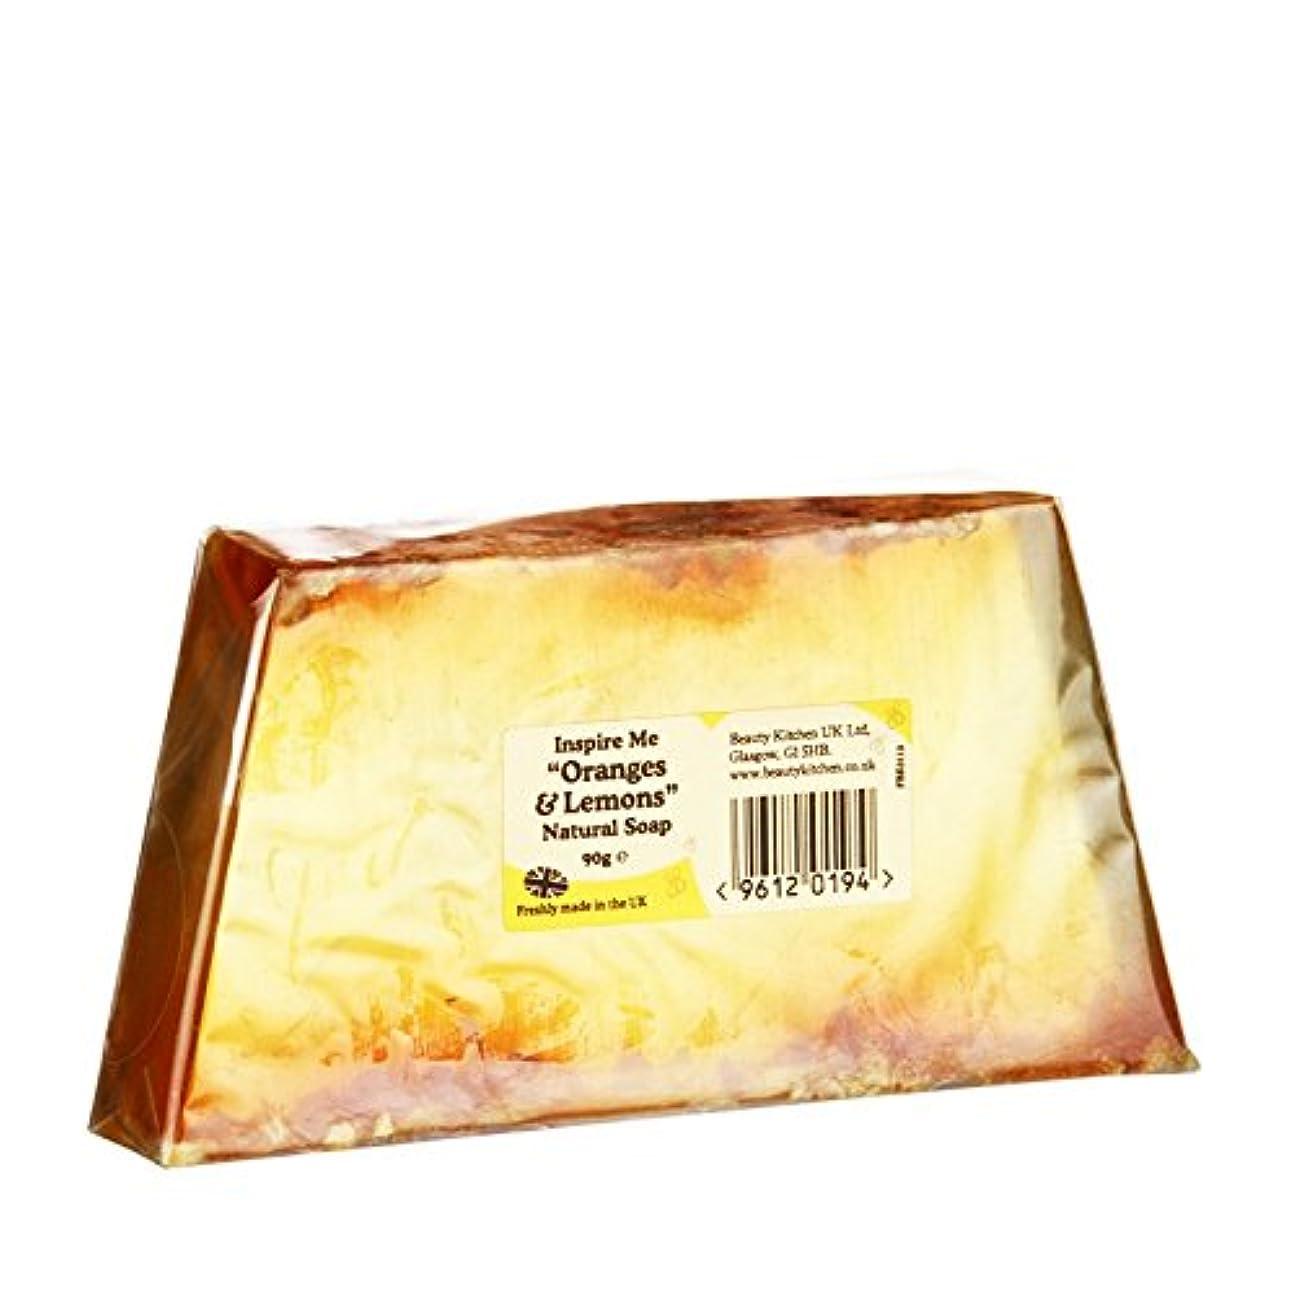 不完全なテンポ散文Beauty Kitchen Inspire Me Orange & Lemon Natural Soap 90g (Pack of 2) - 美しさのキッチンは私がオレンジ&レモンの天然石鹸90グラム鼓舞します (x2...